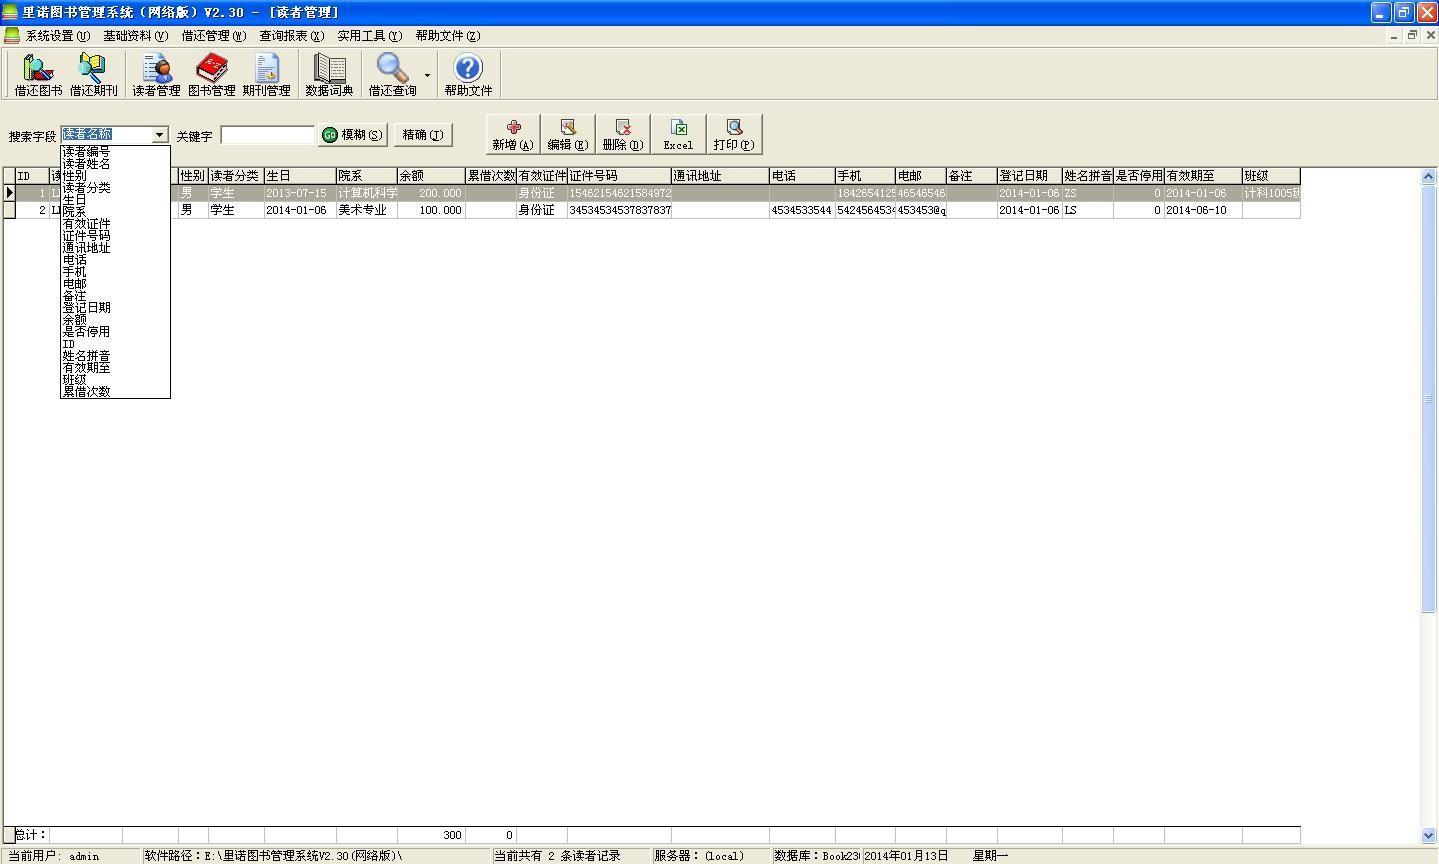 里诺图书管理系统字段模糊查询